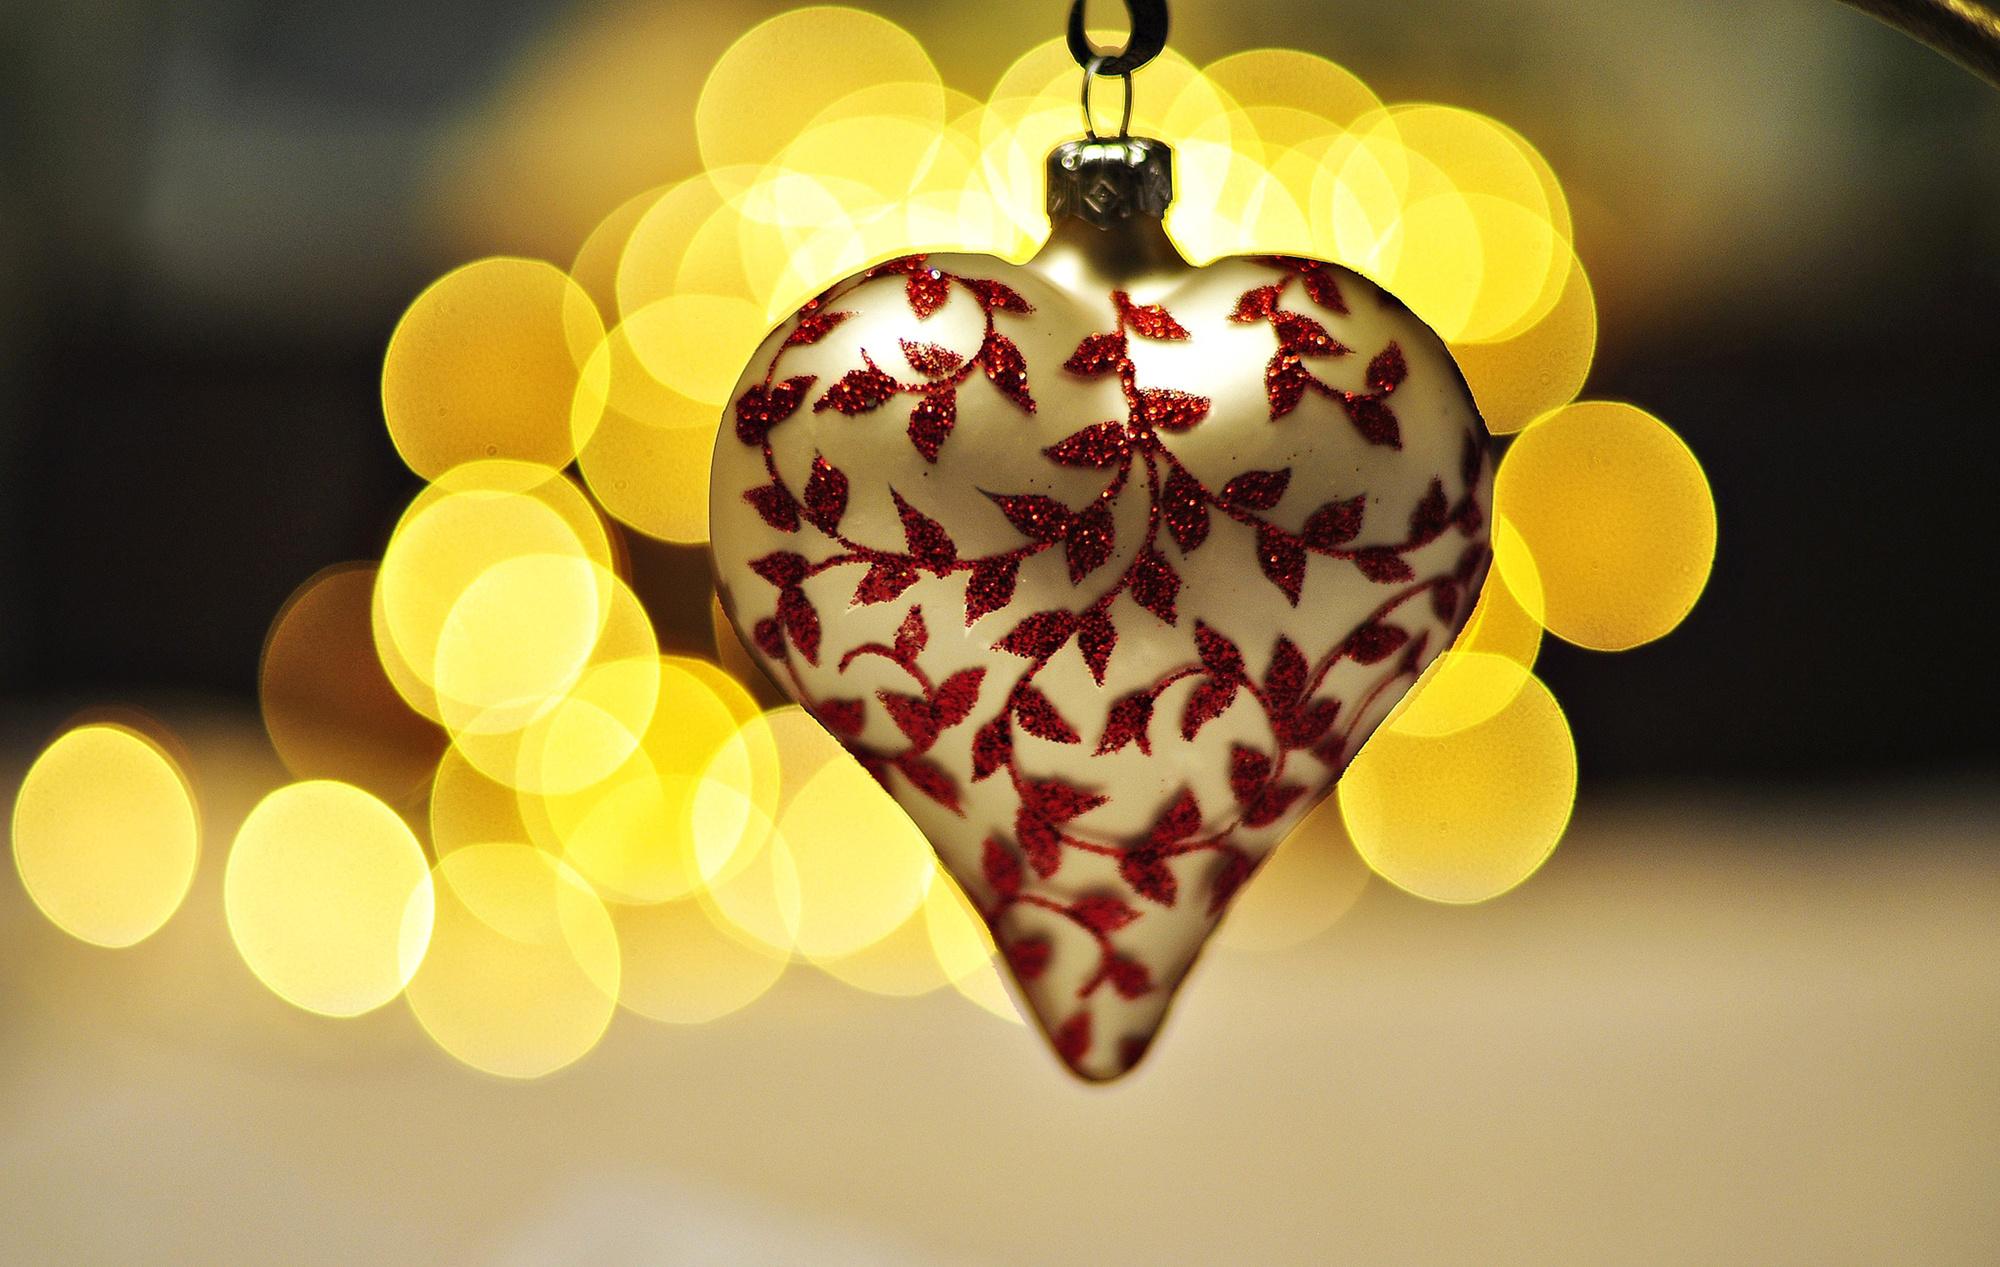 Heart white pattern mood bokeh love christmas wallpaper 2000x1267 153647 WallpaperUP